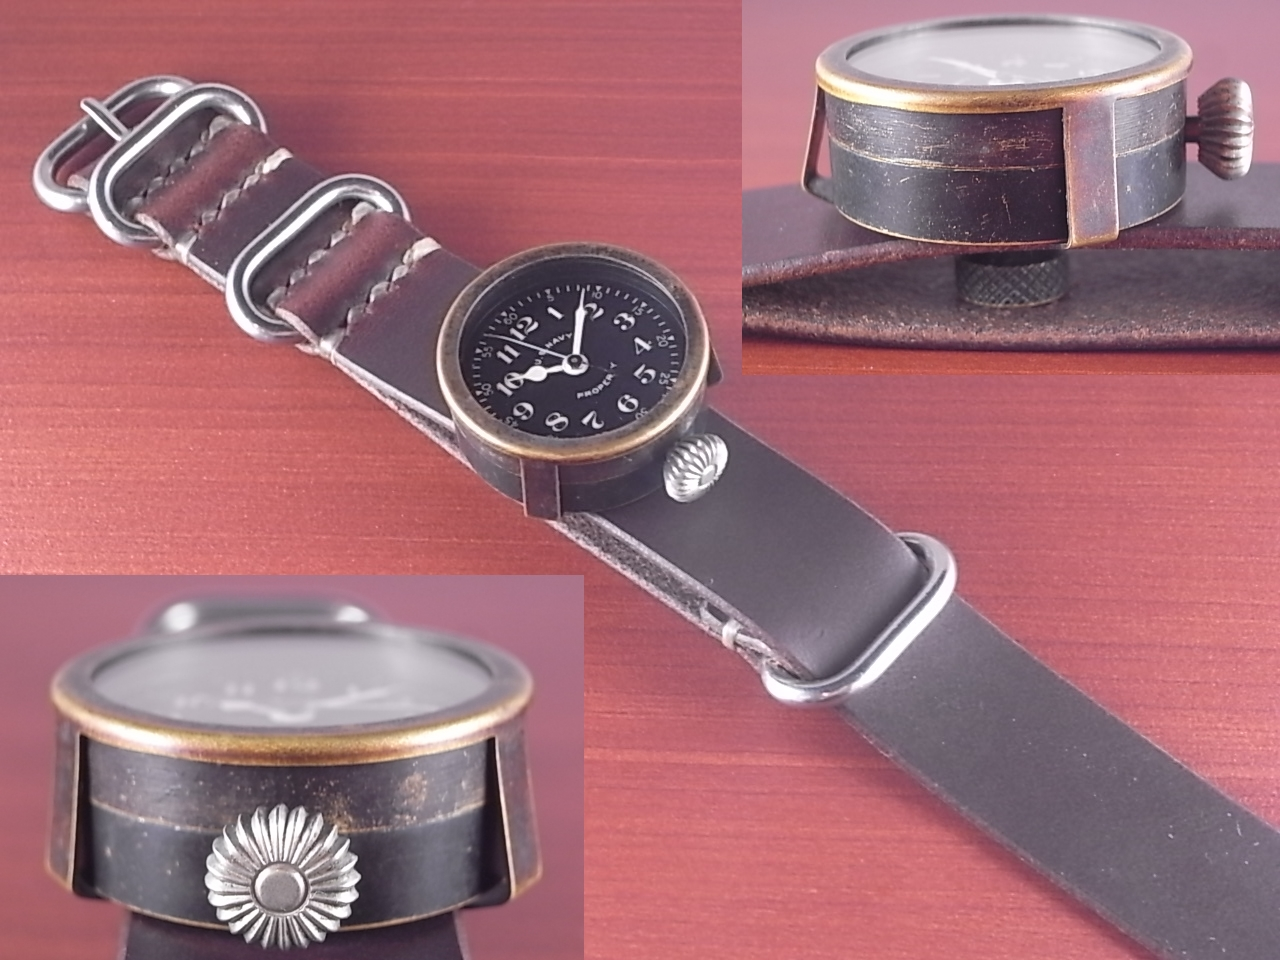 エルジン 米海軍 偵察カメラ用時計 第二次世界大戦 1940年代の写真3枚目